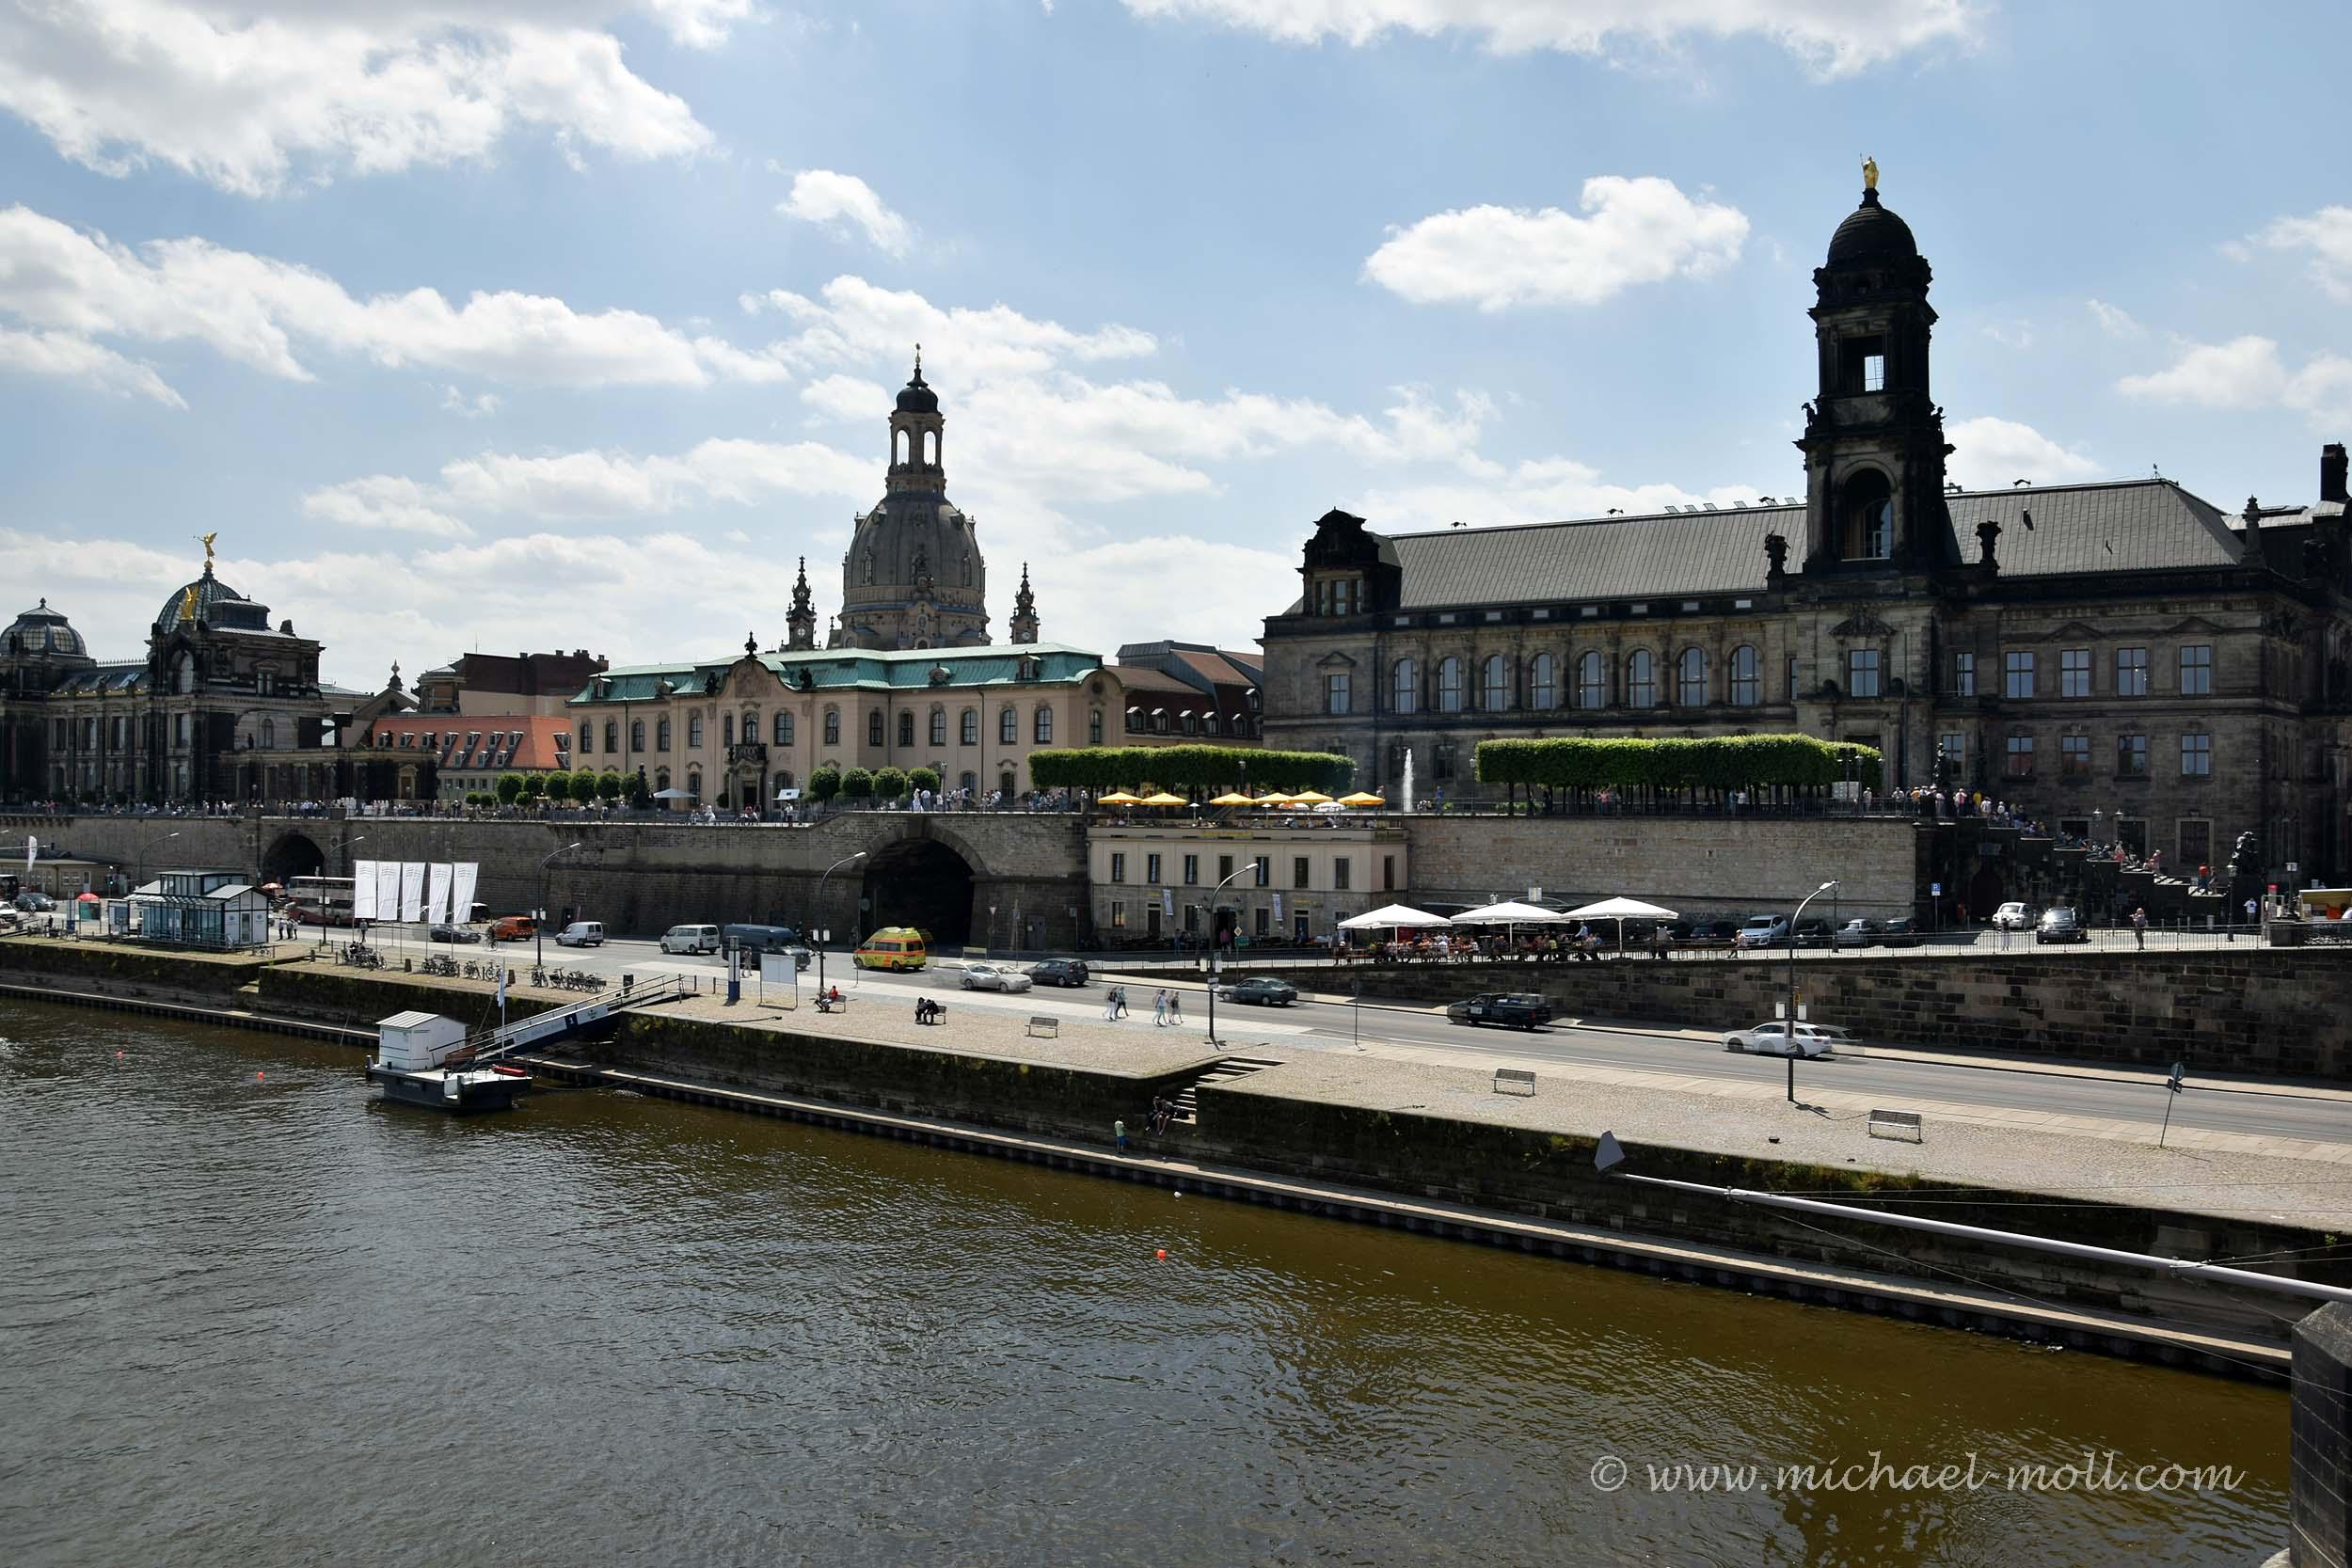 Blick auf die Altstadt von Dresden